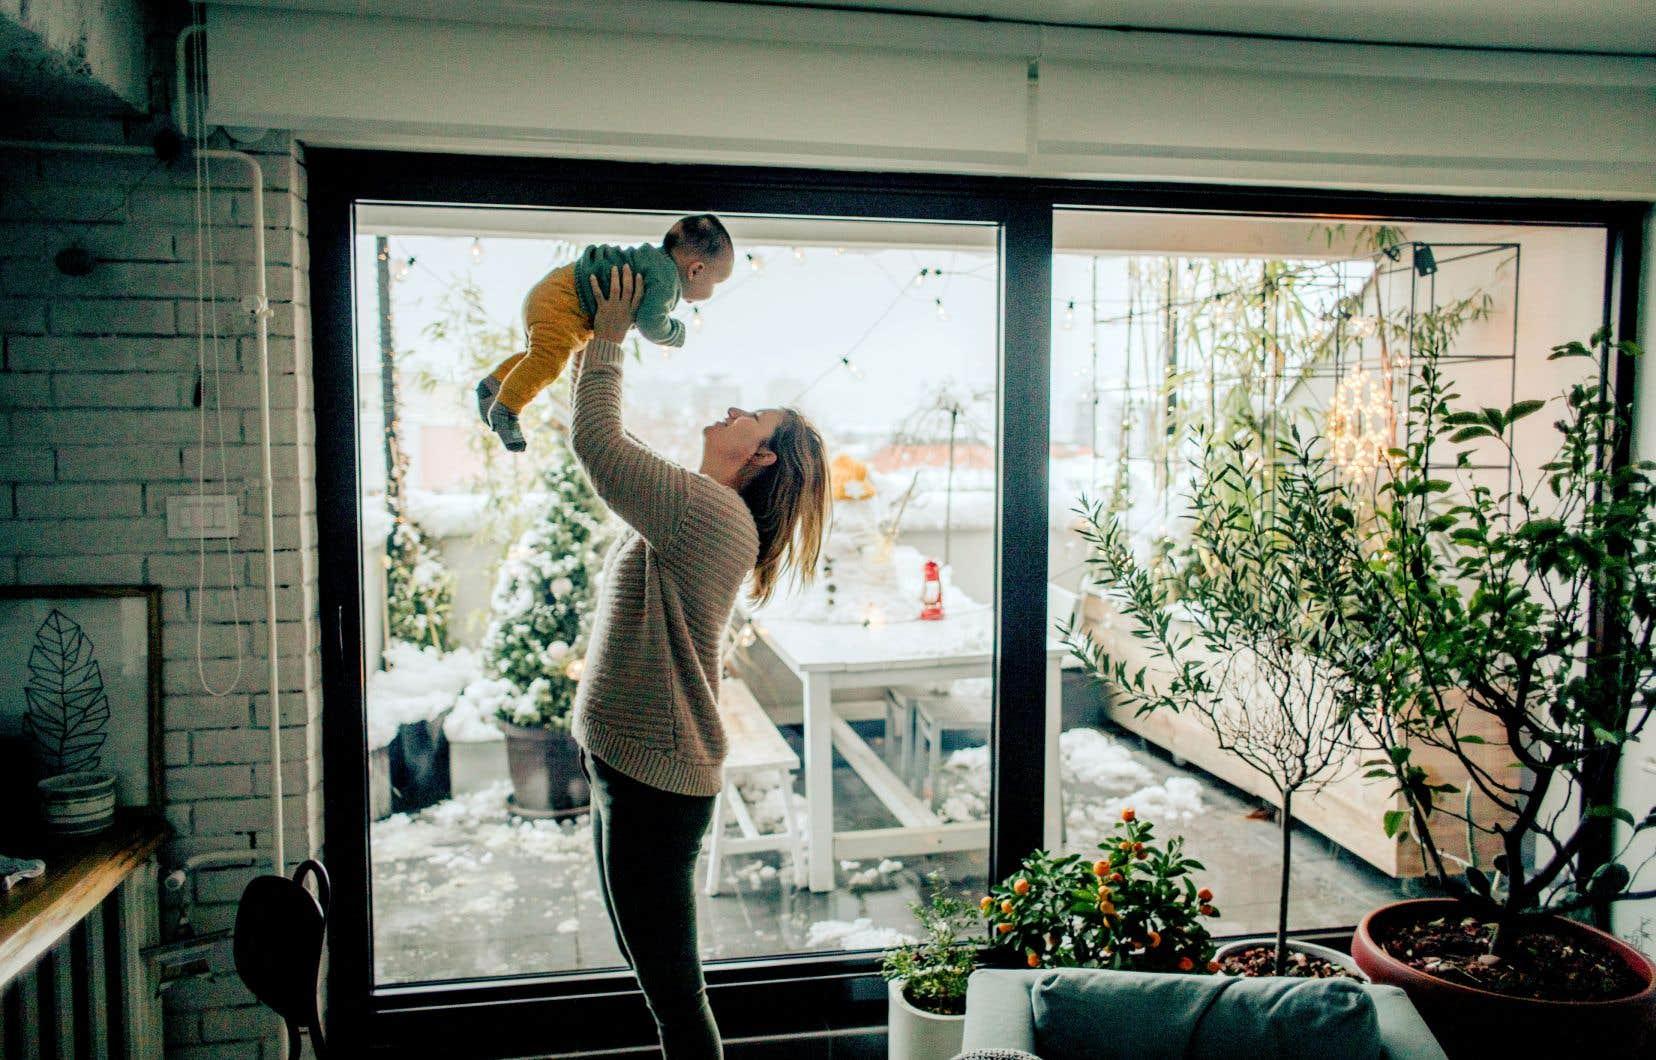 Les parents adoptants auront désormais accès au même nombre de semaines de prestations parentales que les parents biologiques.